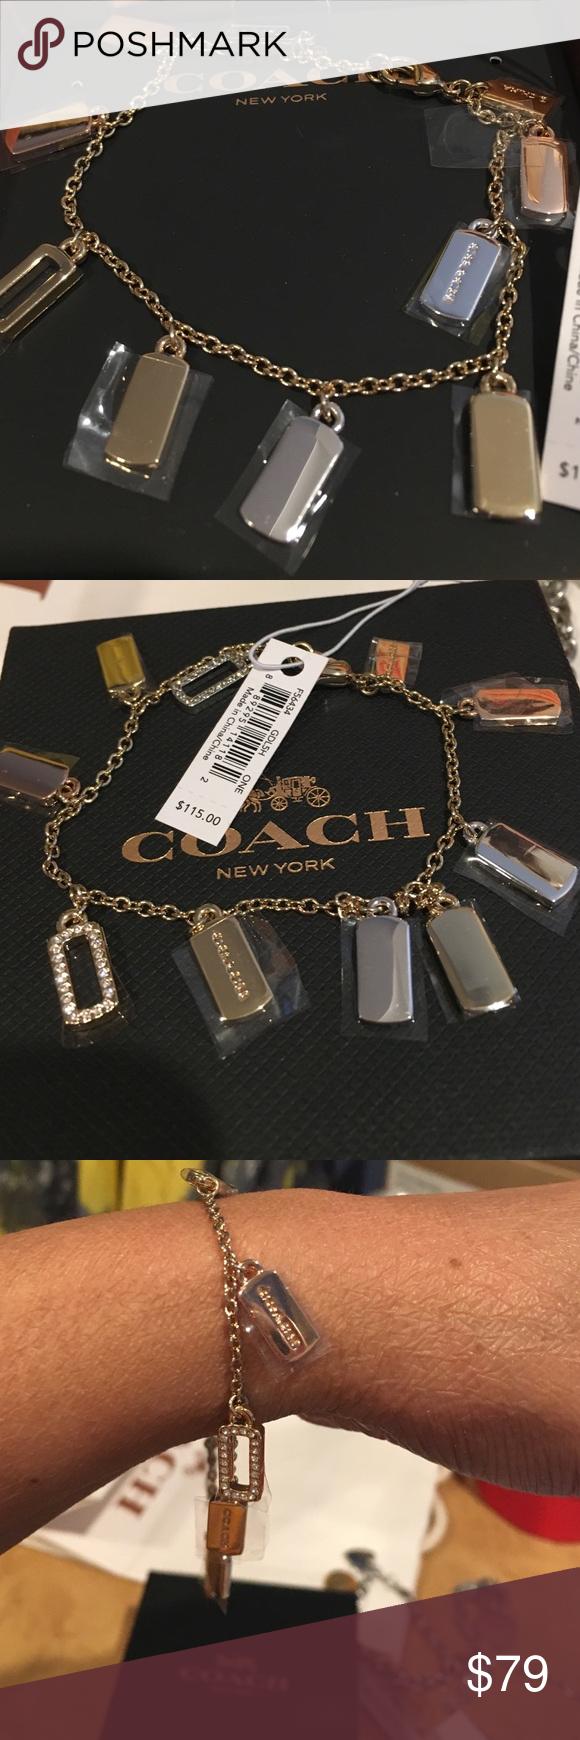 Coach bracelet Brand new bracelet with diamonds Coach Jewelry Bracelets